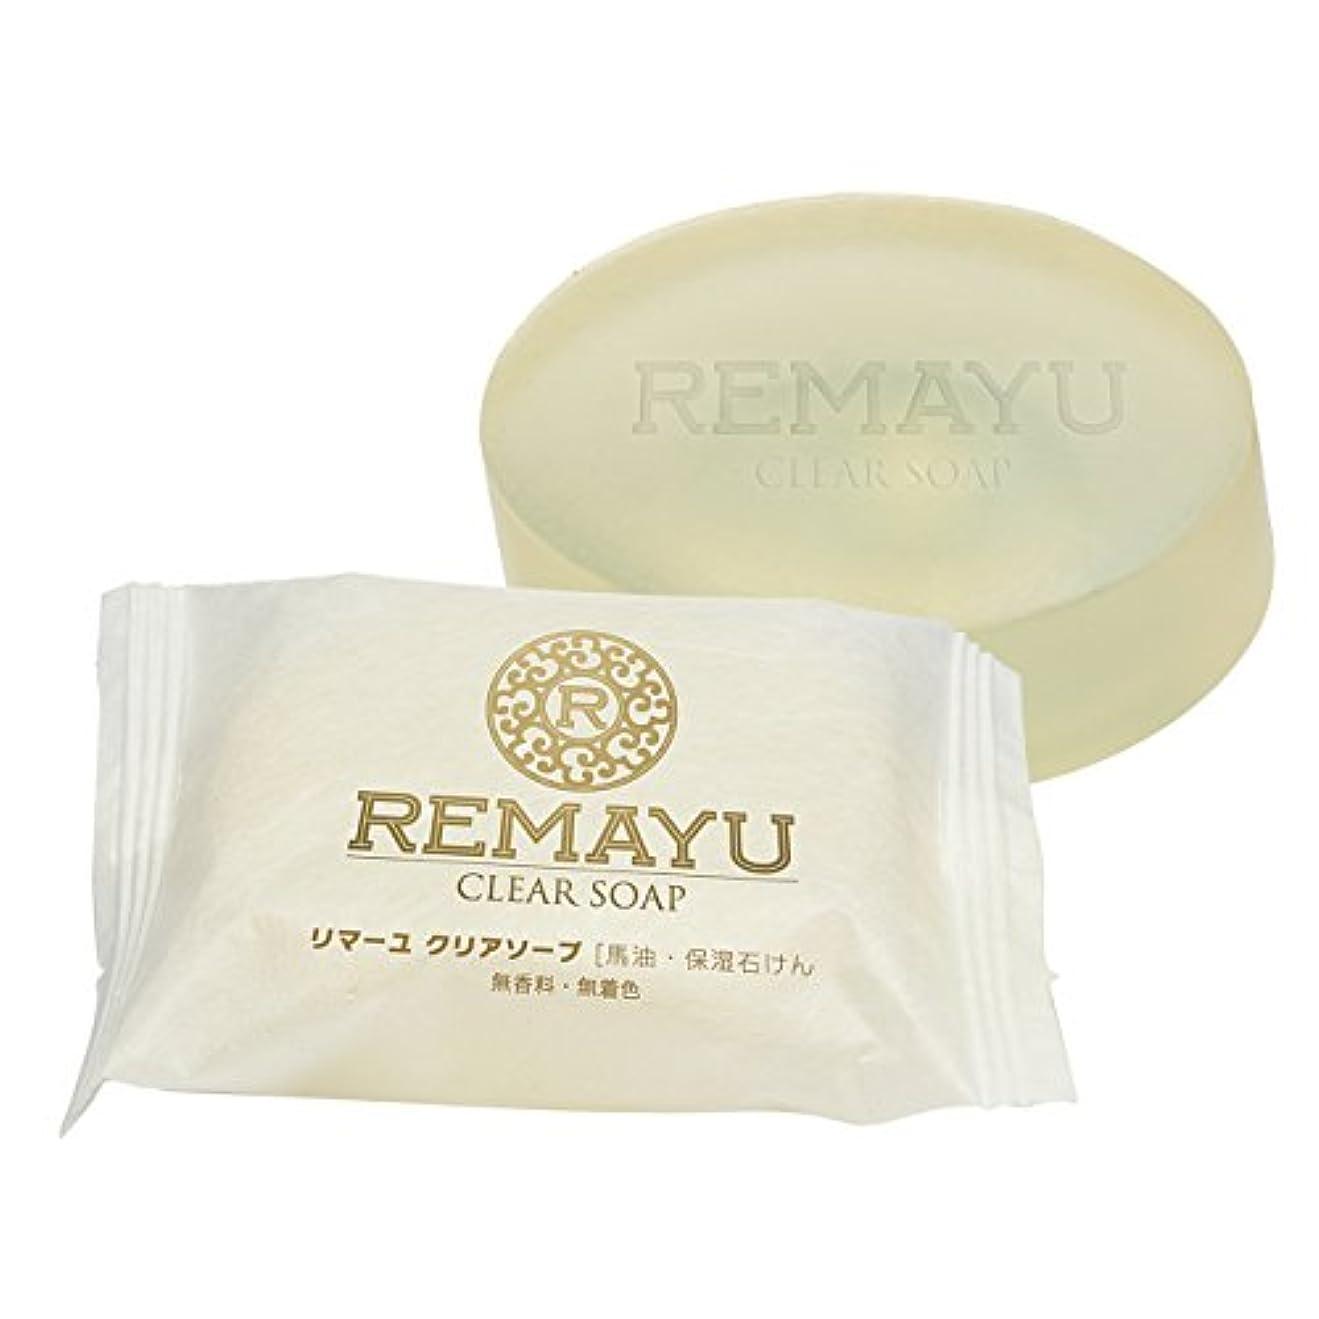 ショットおしゃれじゃないくつろぎリマーユ クリアソープ 90g 馬油 リバテープ製薬 日本製 ばゆ石鹸 ばゆ洗顔